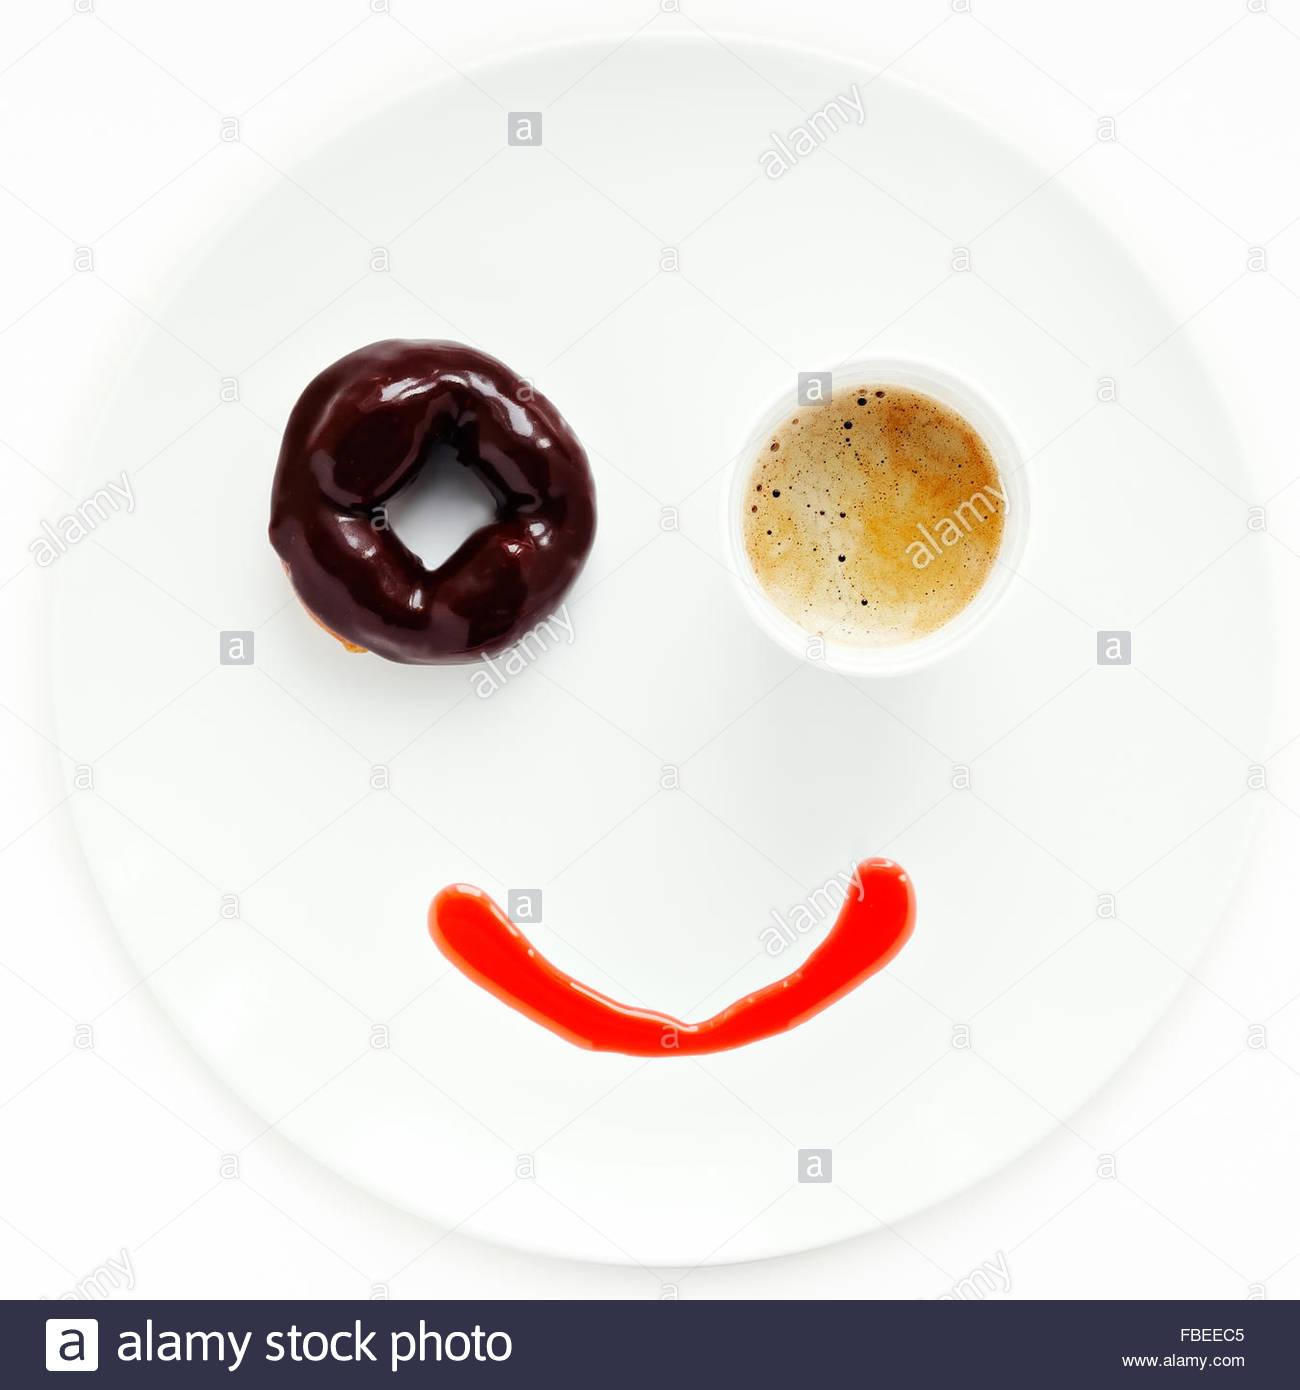 La faccina sorridente fatta di ciambella e la tazza di caffè sulla piastra Immagini Stock